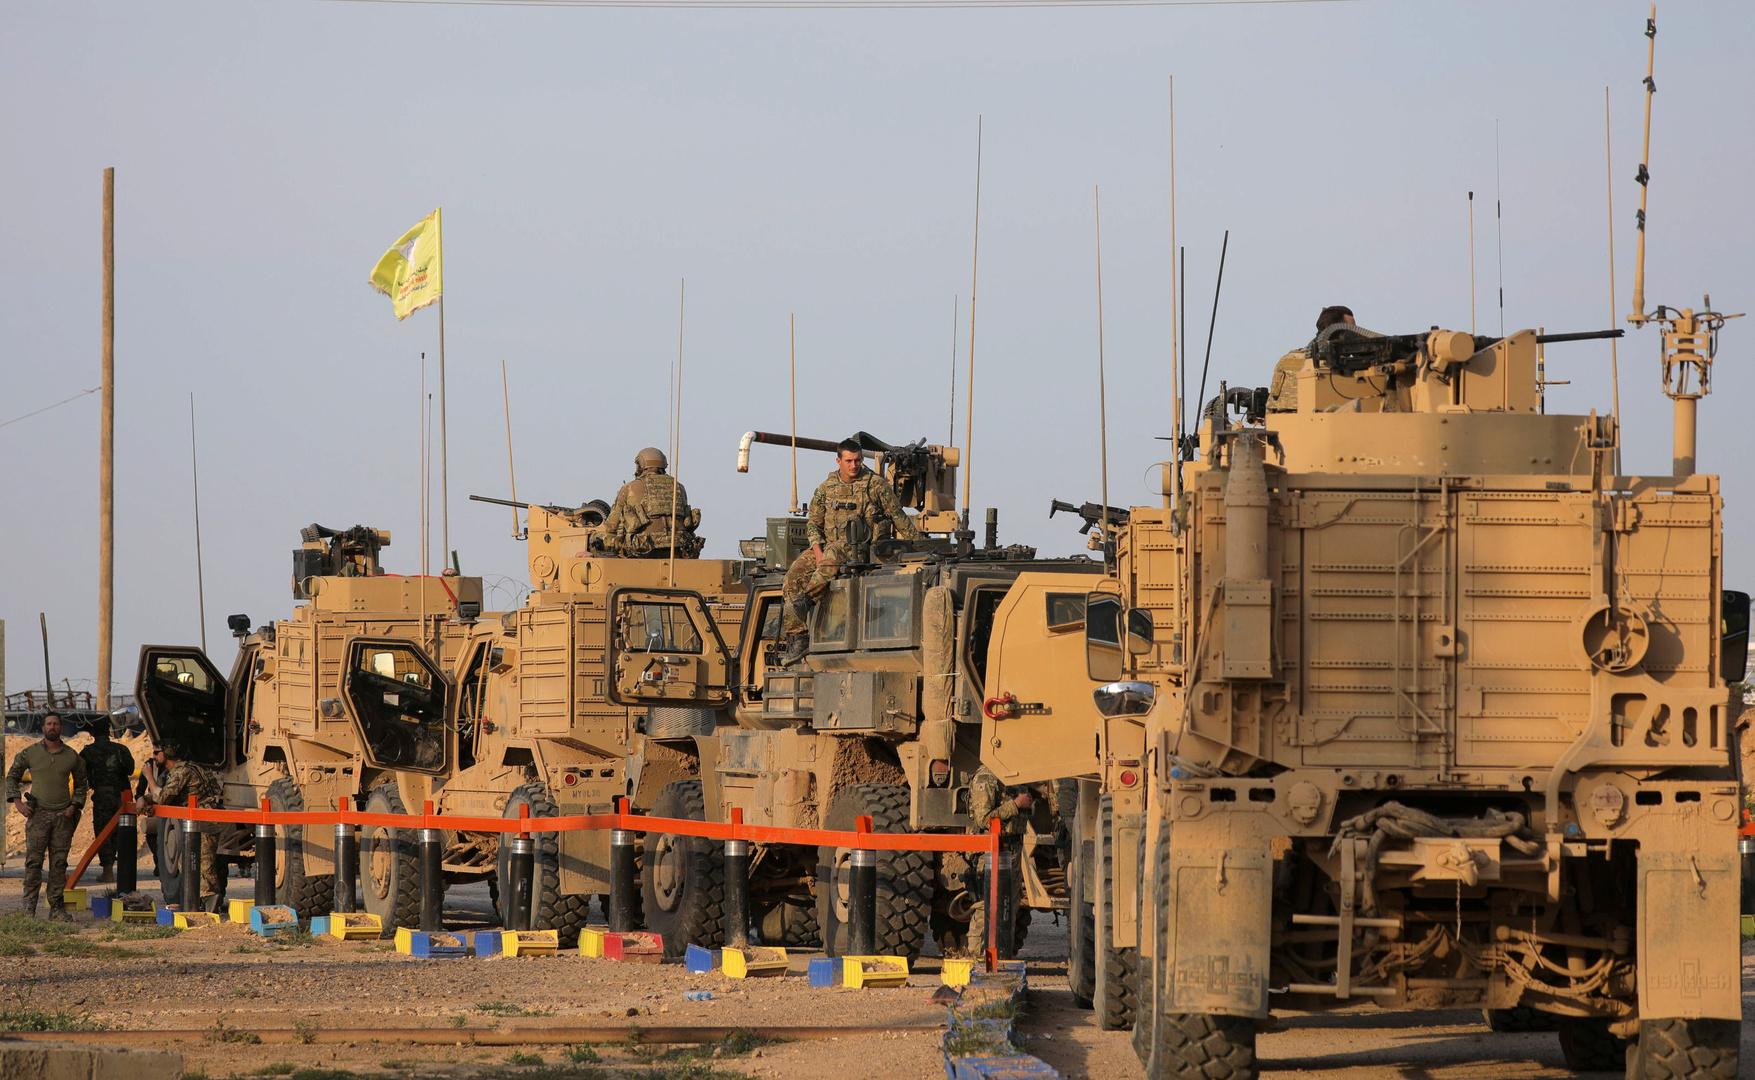 بالفيديو.. استهداف صاروخي للقاعدة الأمريكية في حقل العمر بدير الزور في سوريا